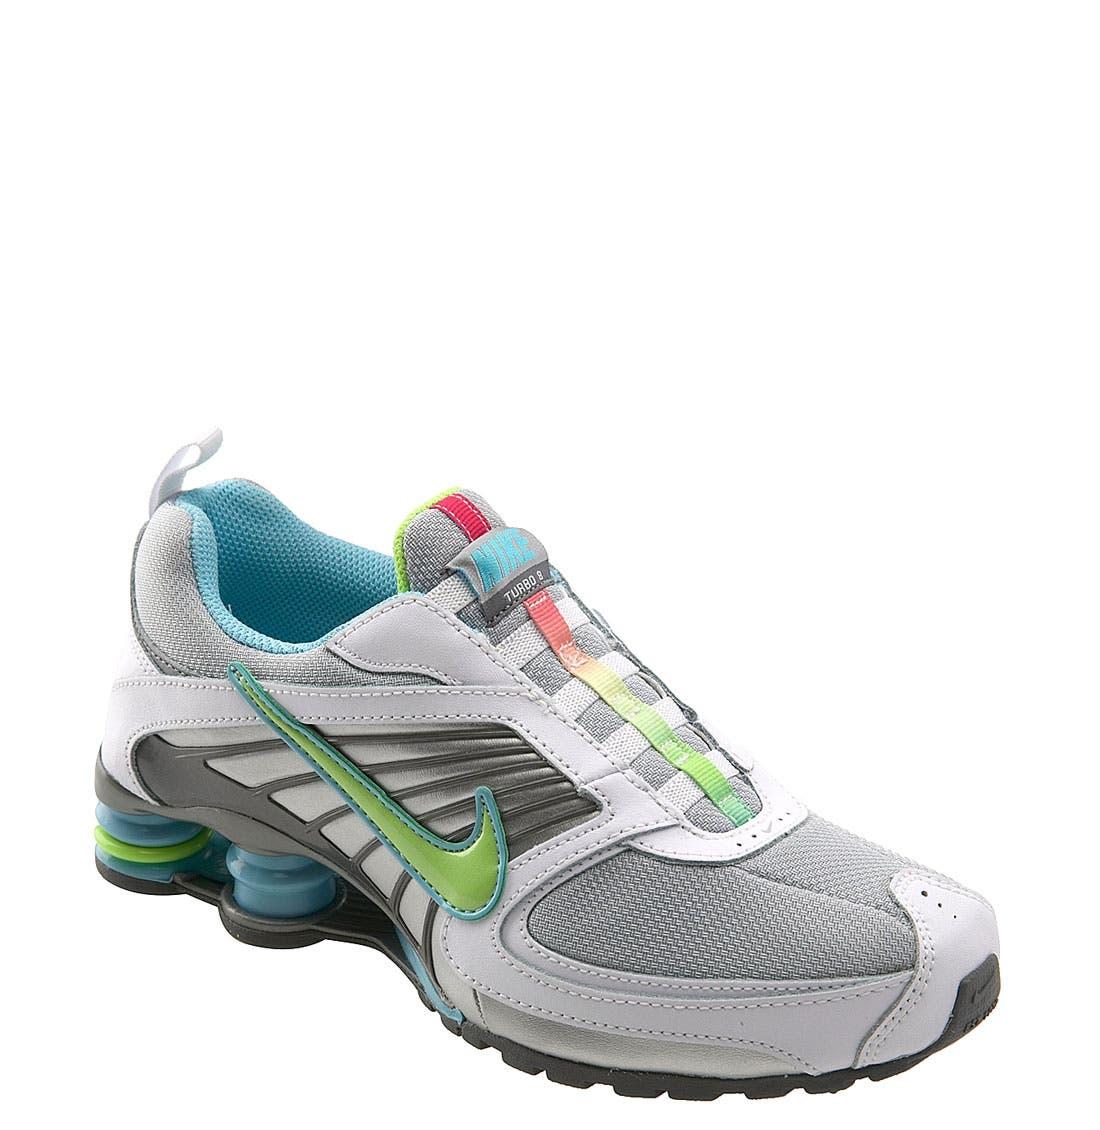 e3cee682dadb shopping kids preschool nike shox classic running shoes 37d3a 2fe0e